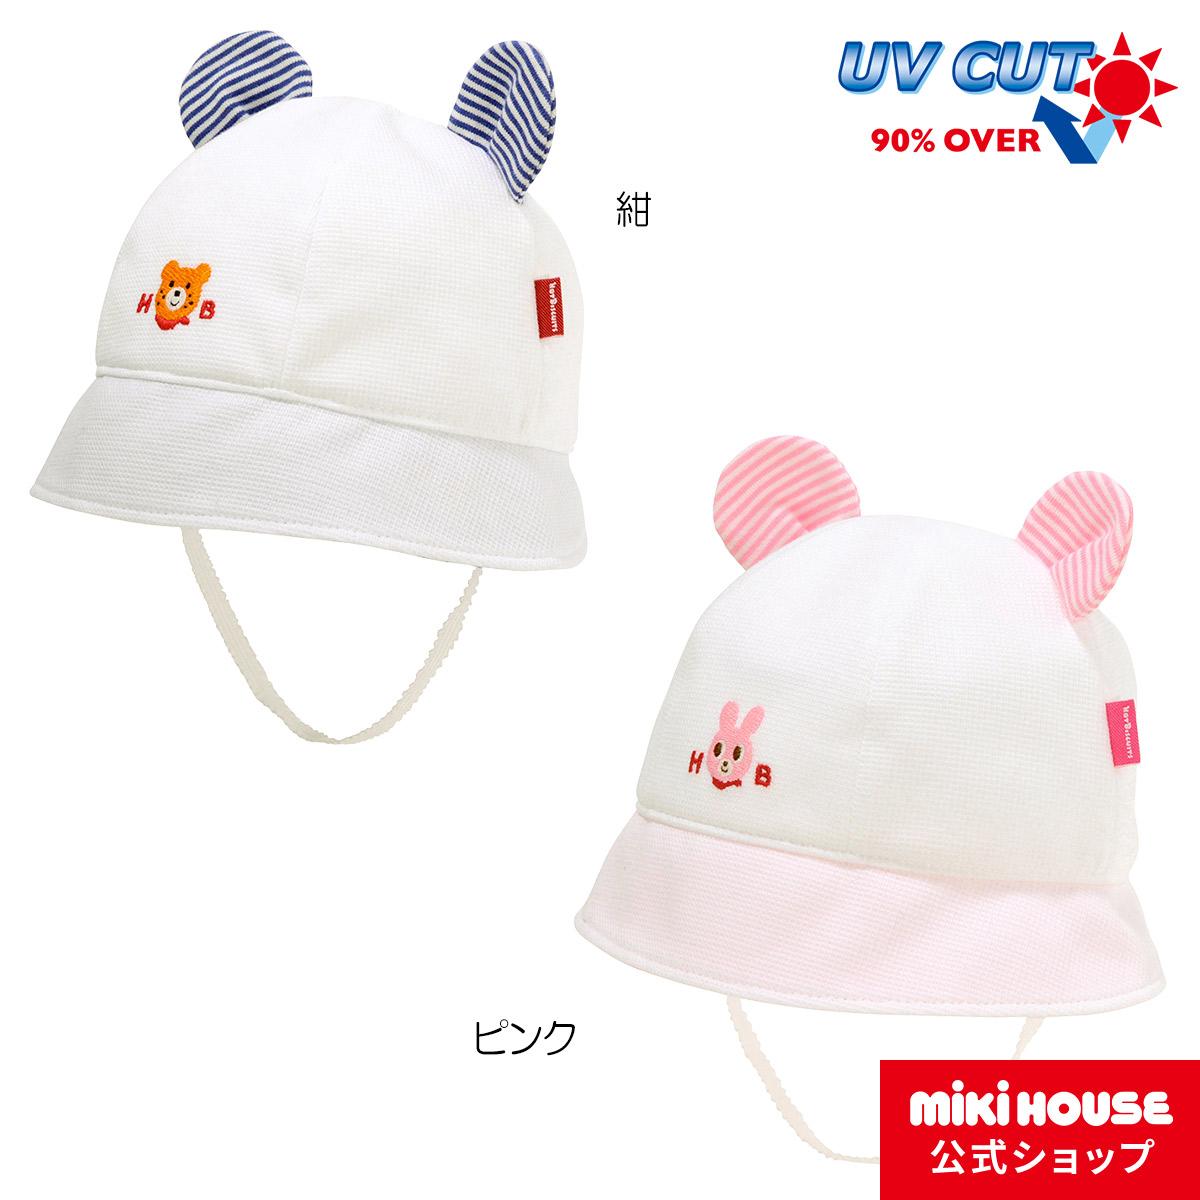 【楽天市場】ミキハウス ホットビスケッツ mikihouse 耳付きサマー帽子〈SS-S(40cm-48cm)〉...